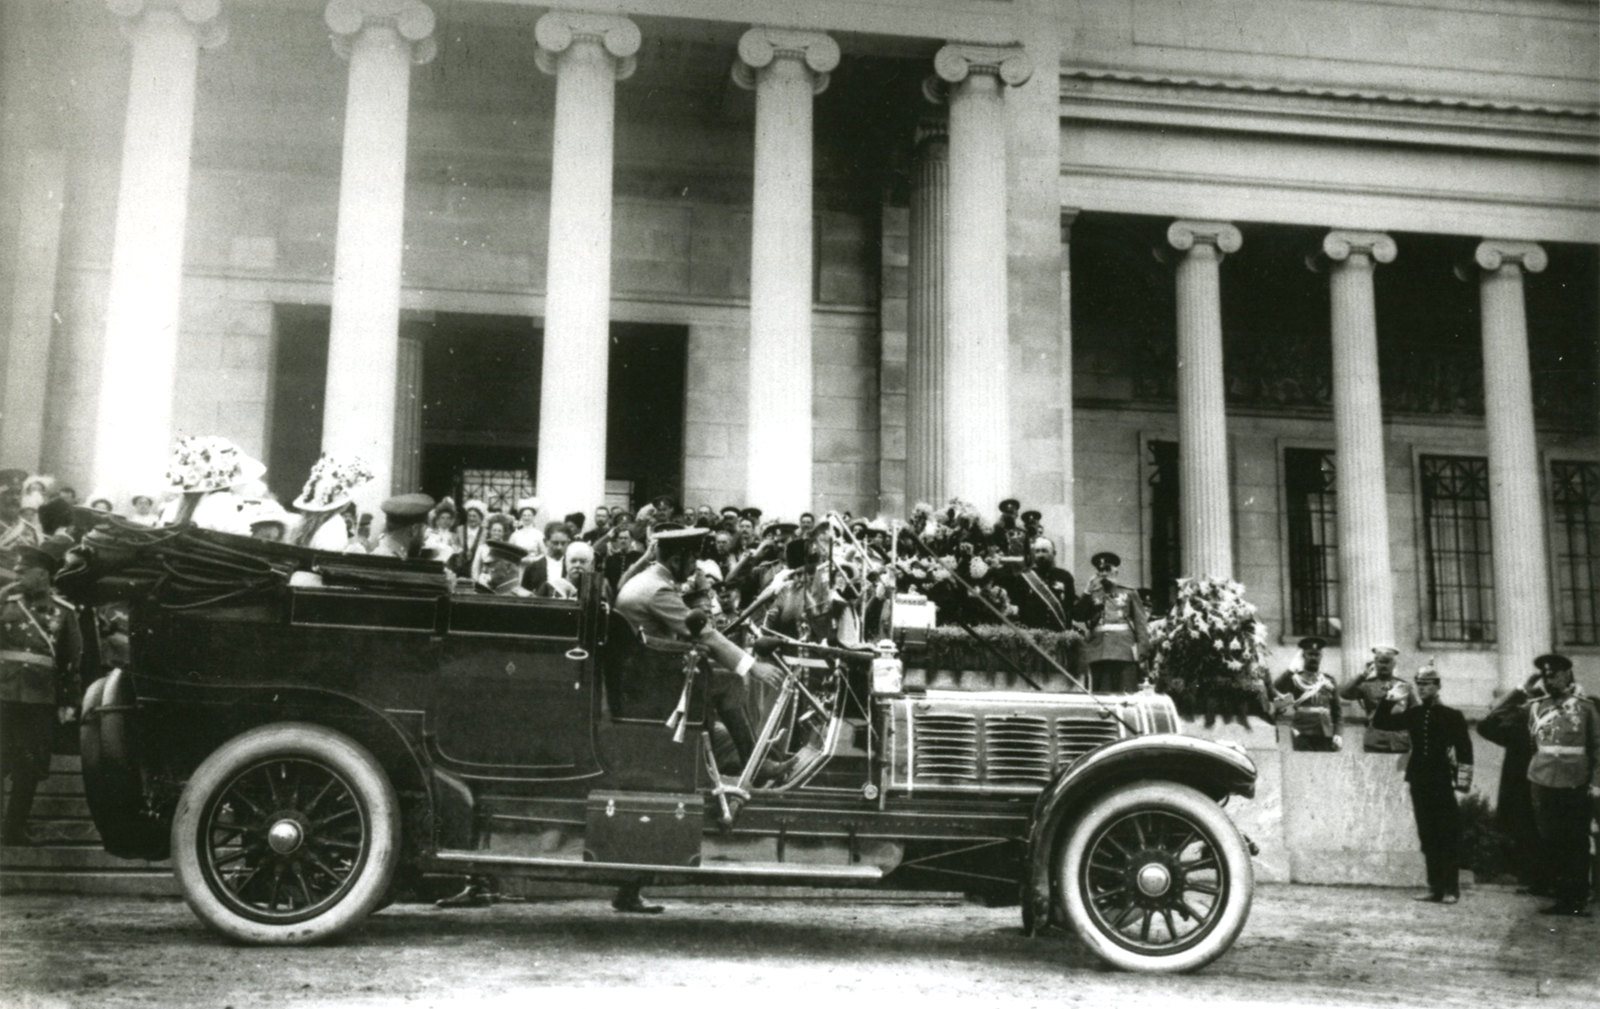 1912. Николай II отбывает с церемонии открытия Музея изящных искусств имени императора Александра III